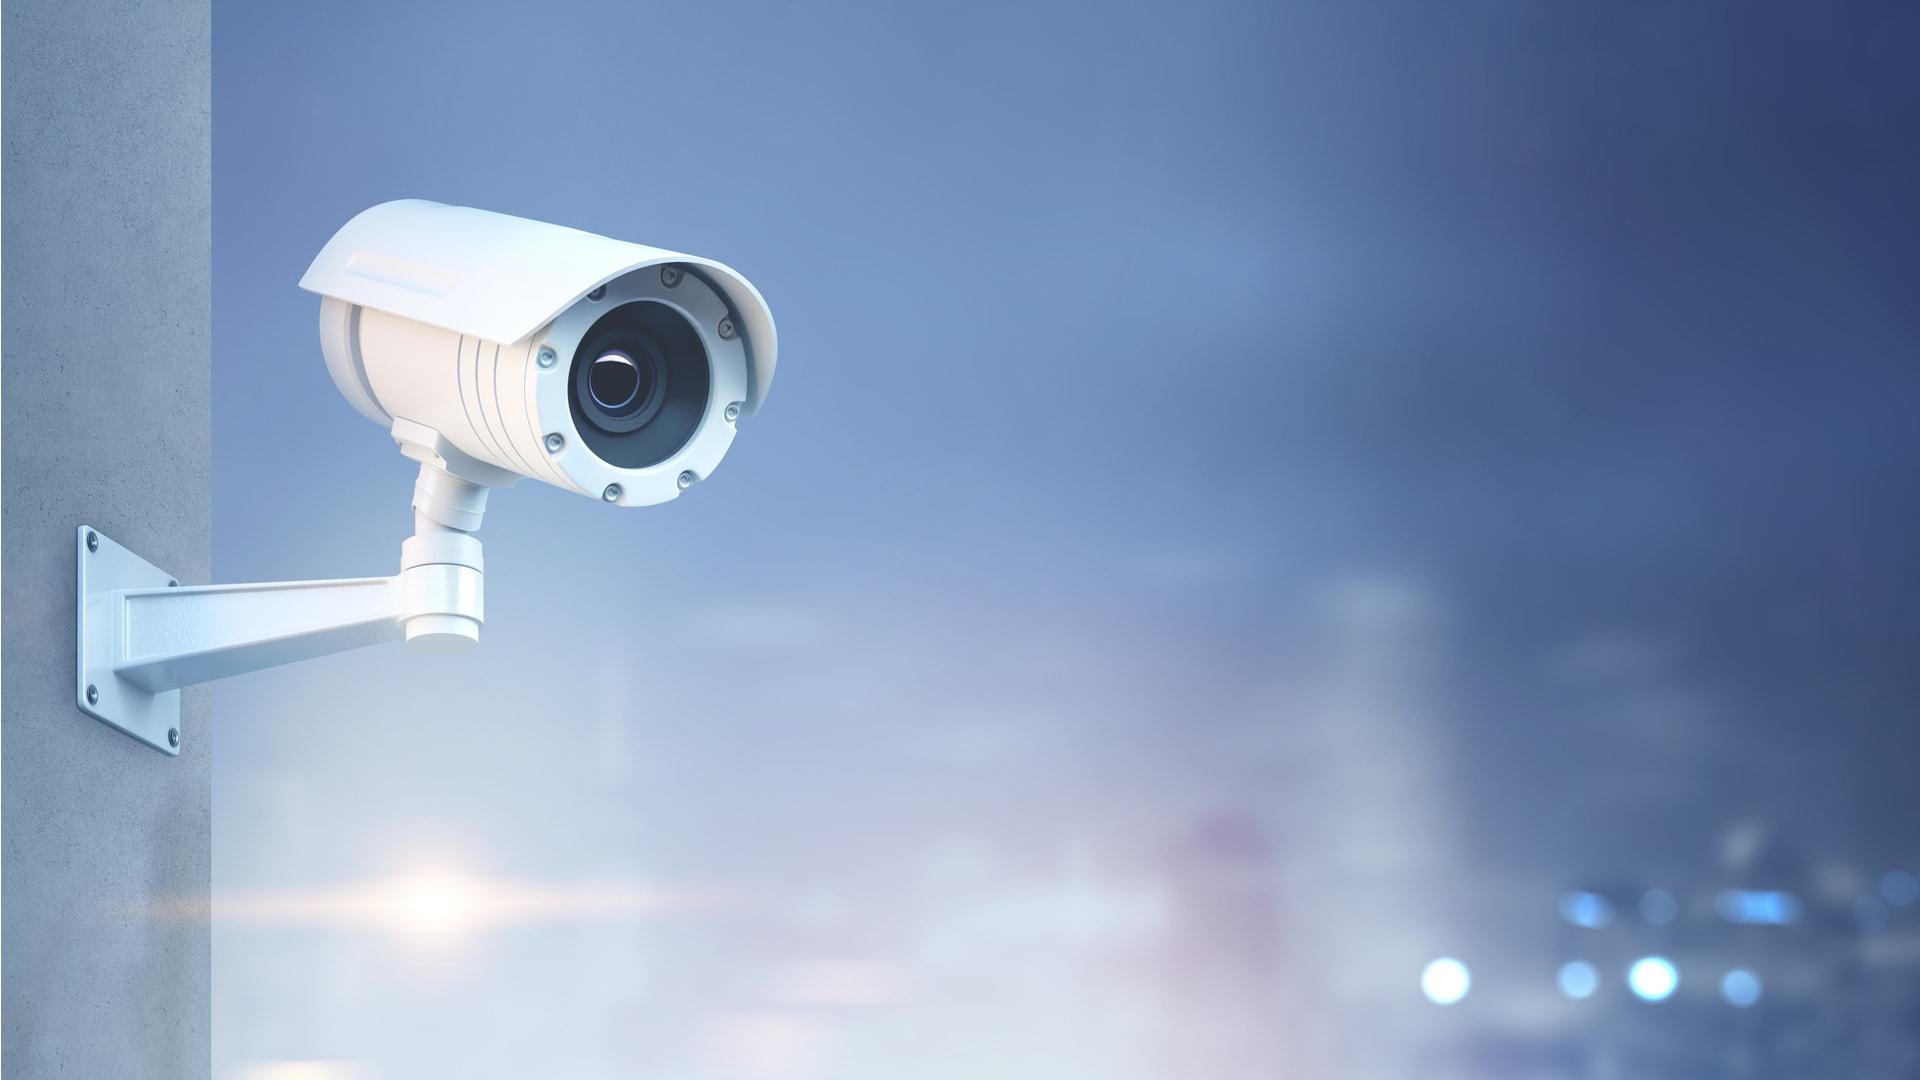 Camerabewaking via internet van GW Security Group op een mistige avond buiten